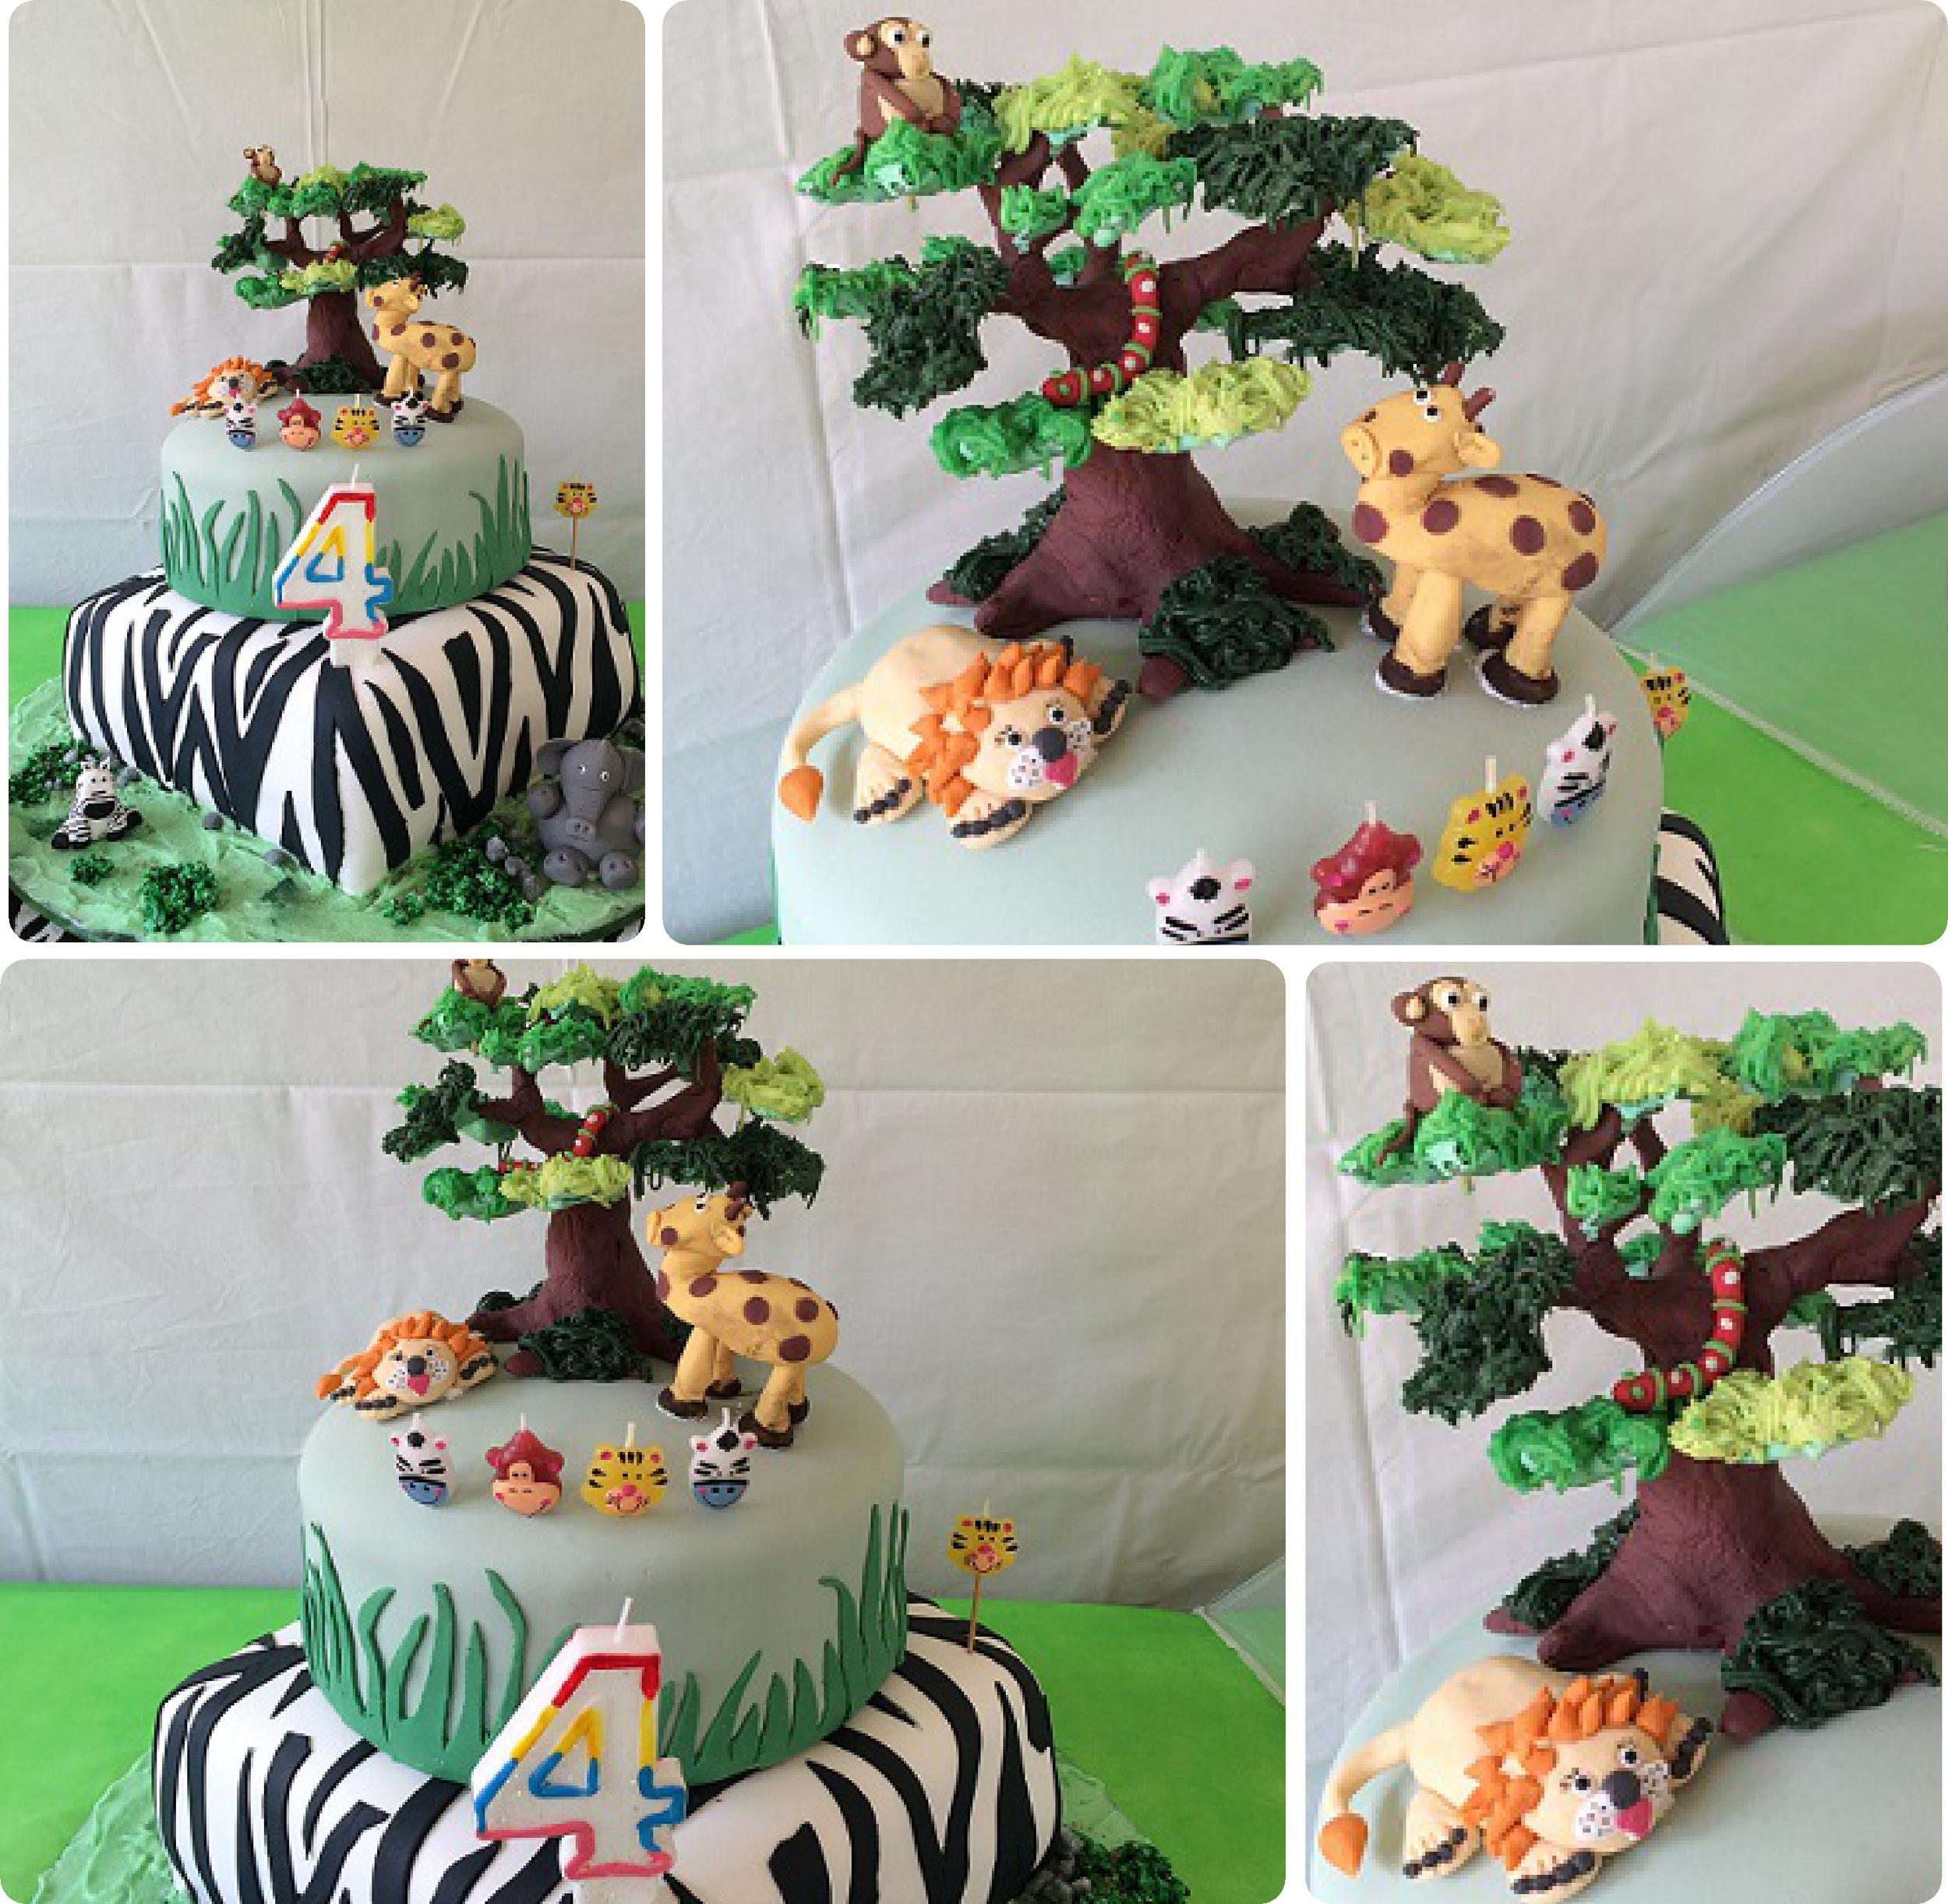 Jungle Safari Cake Ideas